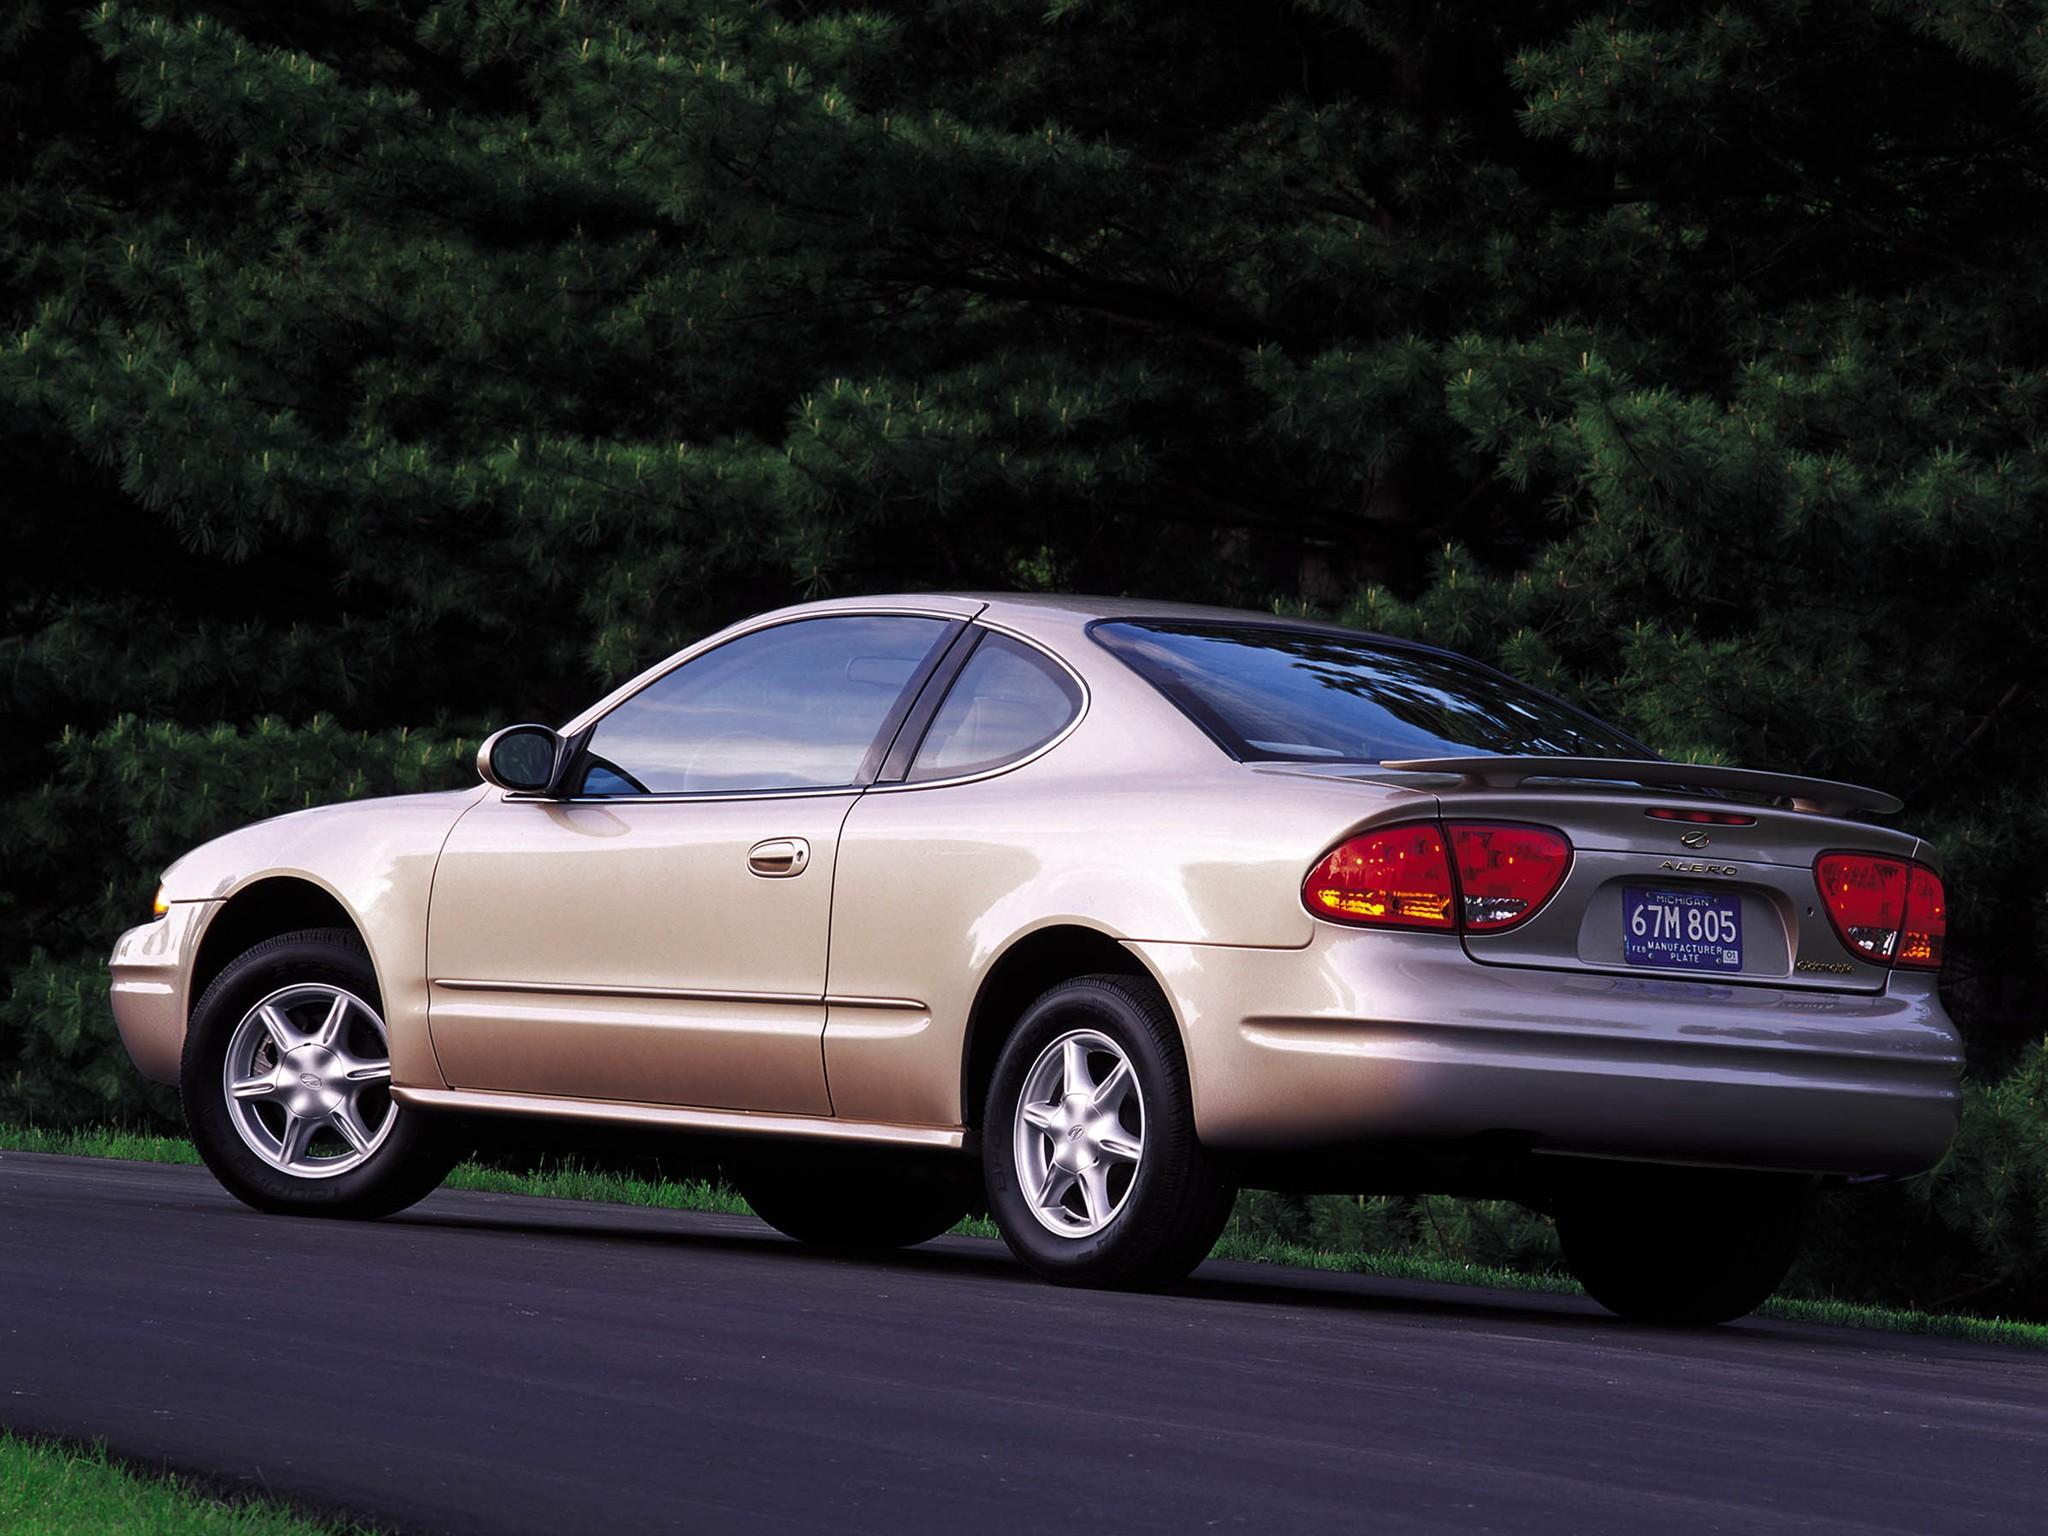 Oldsmobile Alero Coupe